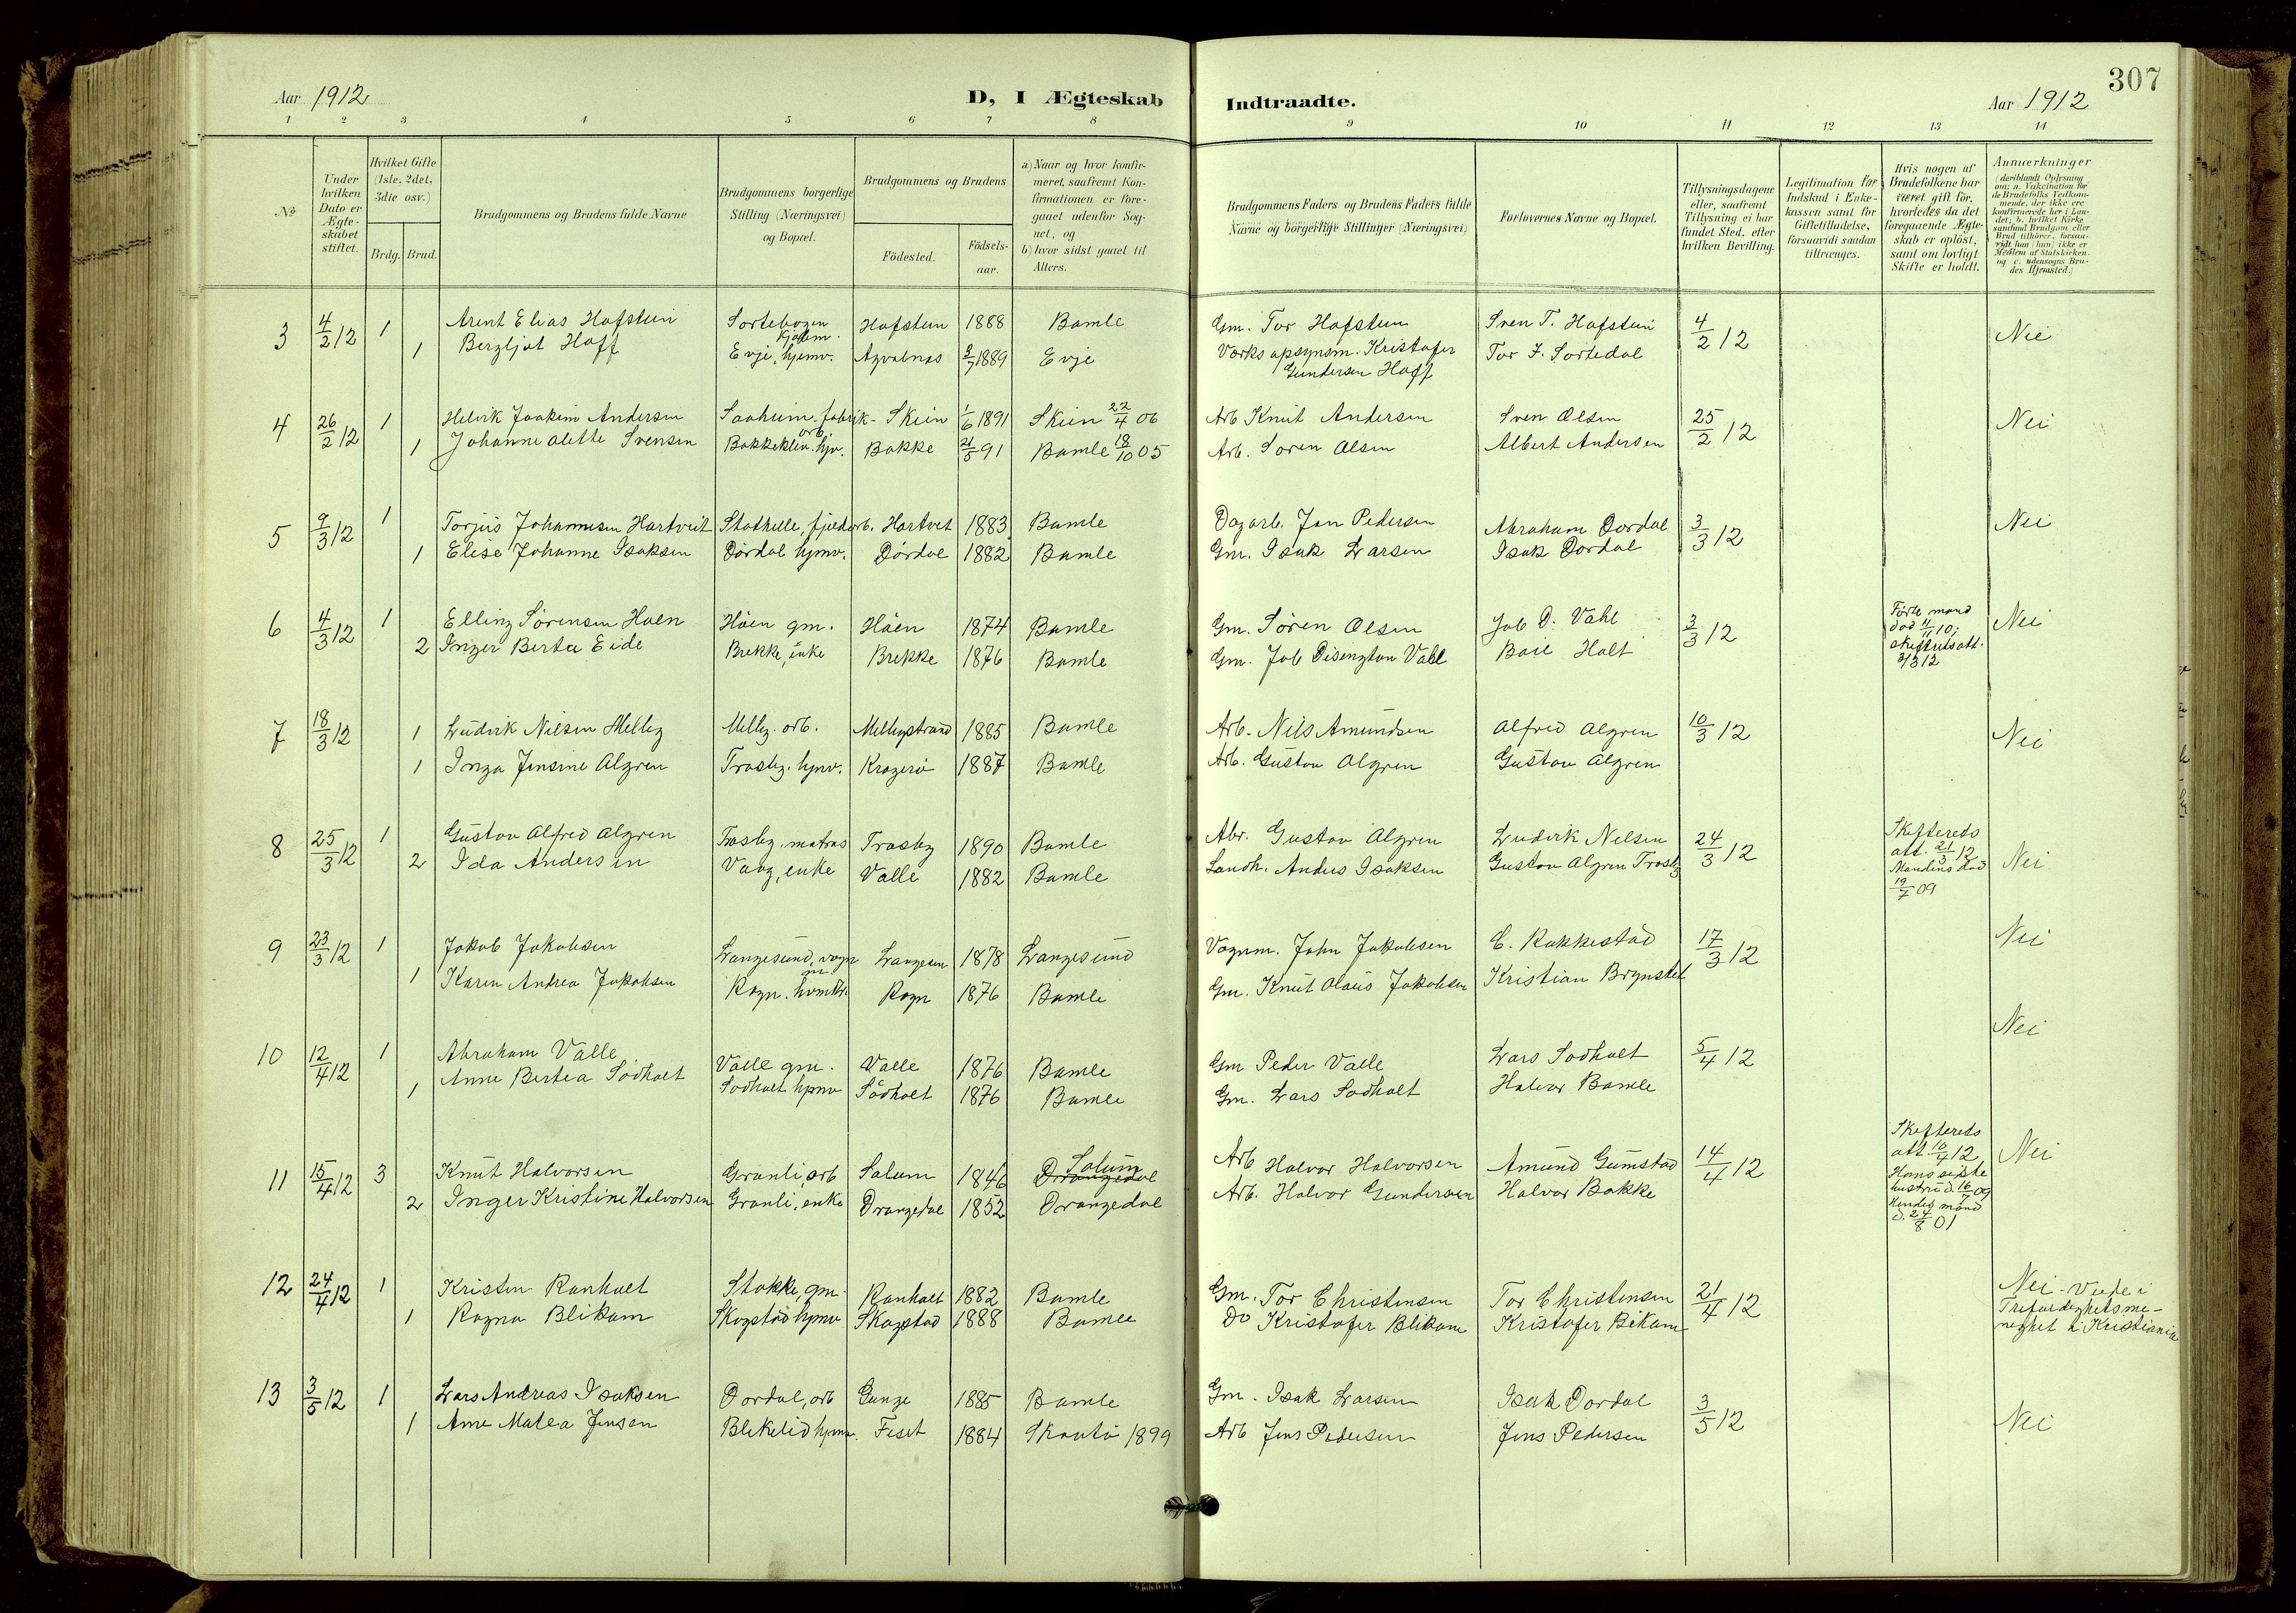 SAKO, Bamble kirkebøker, G/Ga/L0010: Klokkerbok nr. I 10, 1901-1919, s. 307